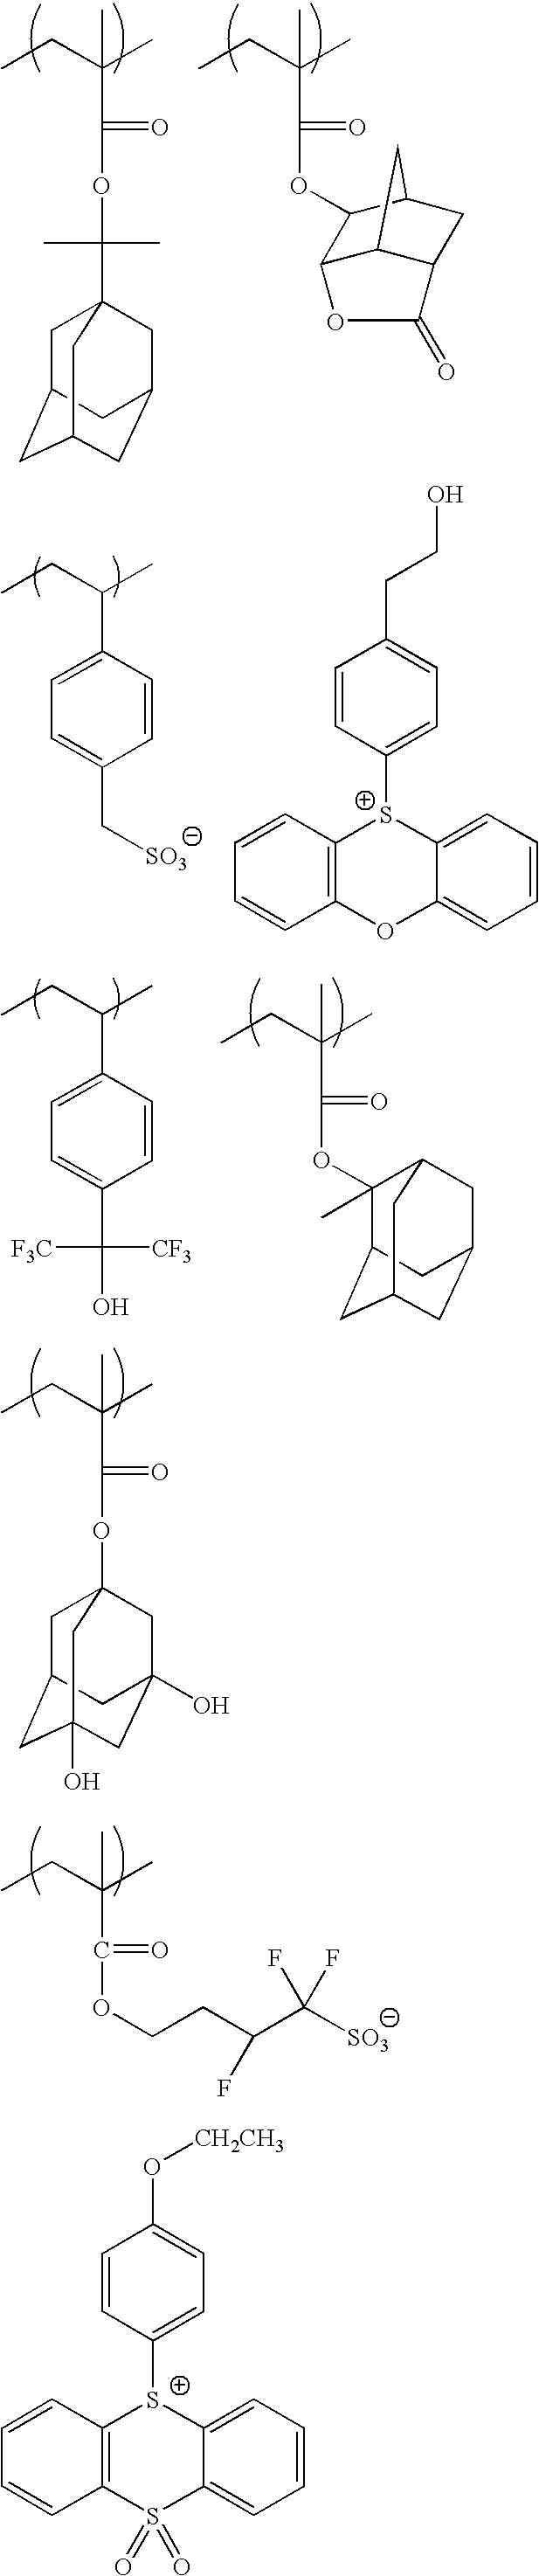 Figure US20100183975A1-20100722-C00204